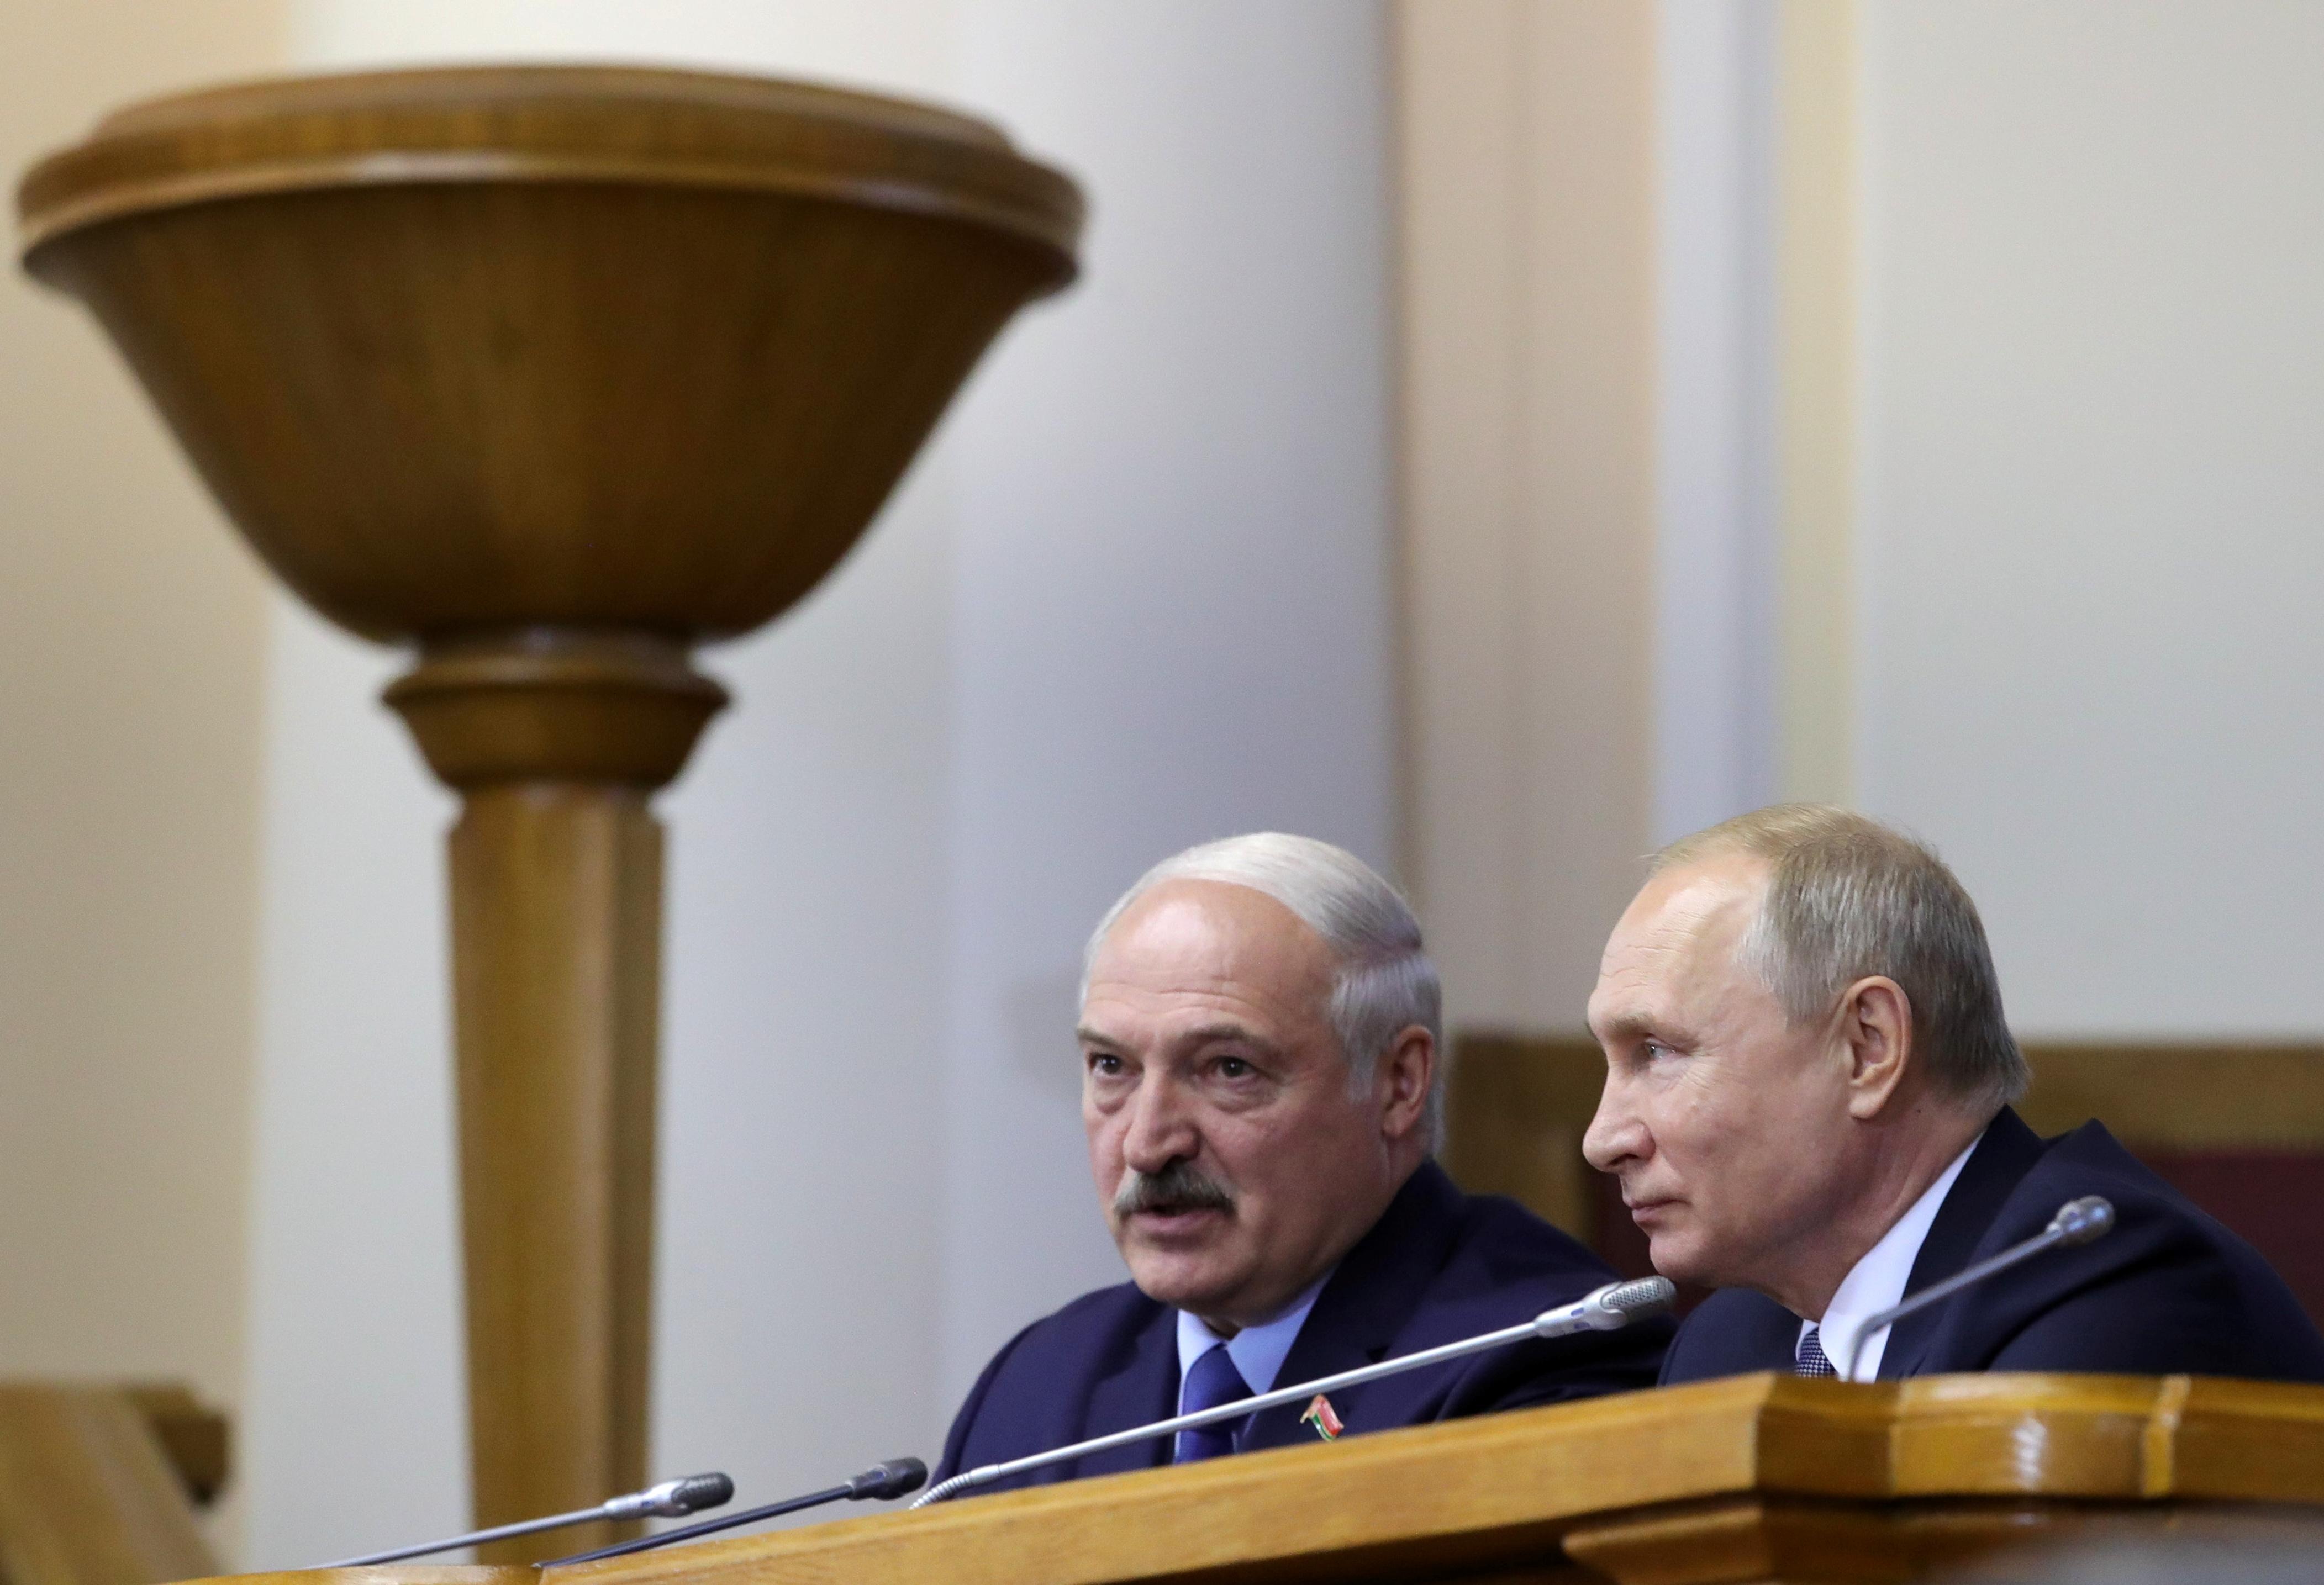 Песков: Россия готова поделиться с Лукашенко опытом изменения конституции